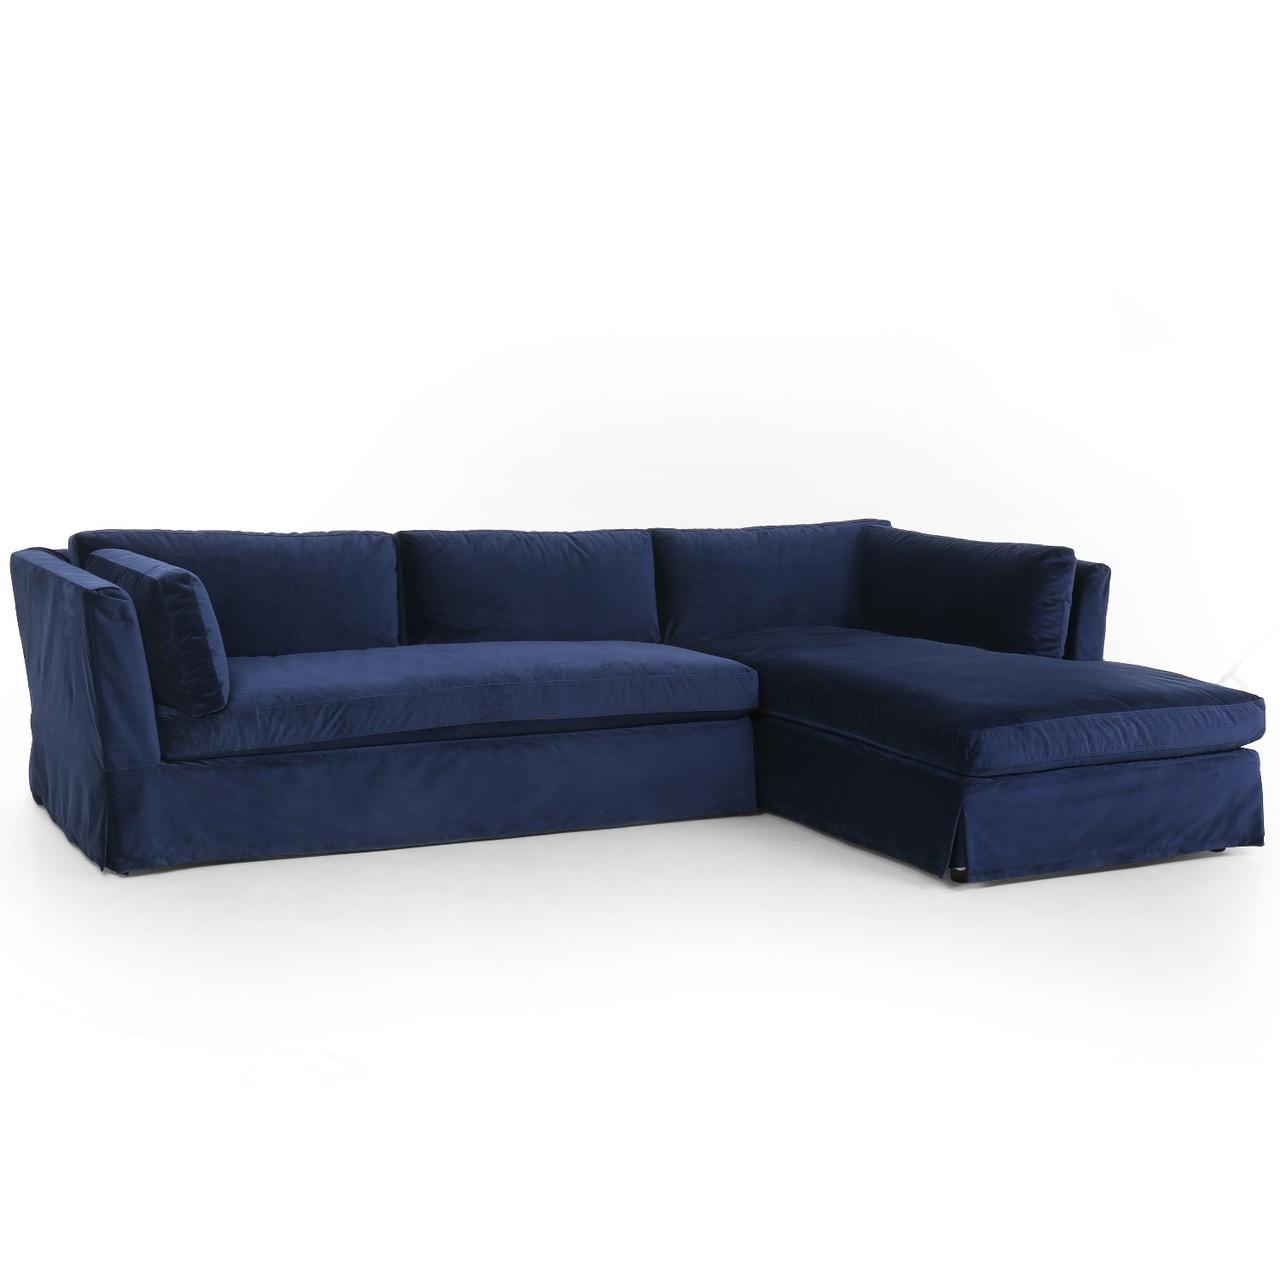 Garrison Coastal Navy Velvet Slipcovered Sectional Sofa 125 Zin Home